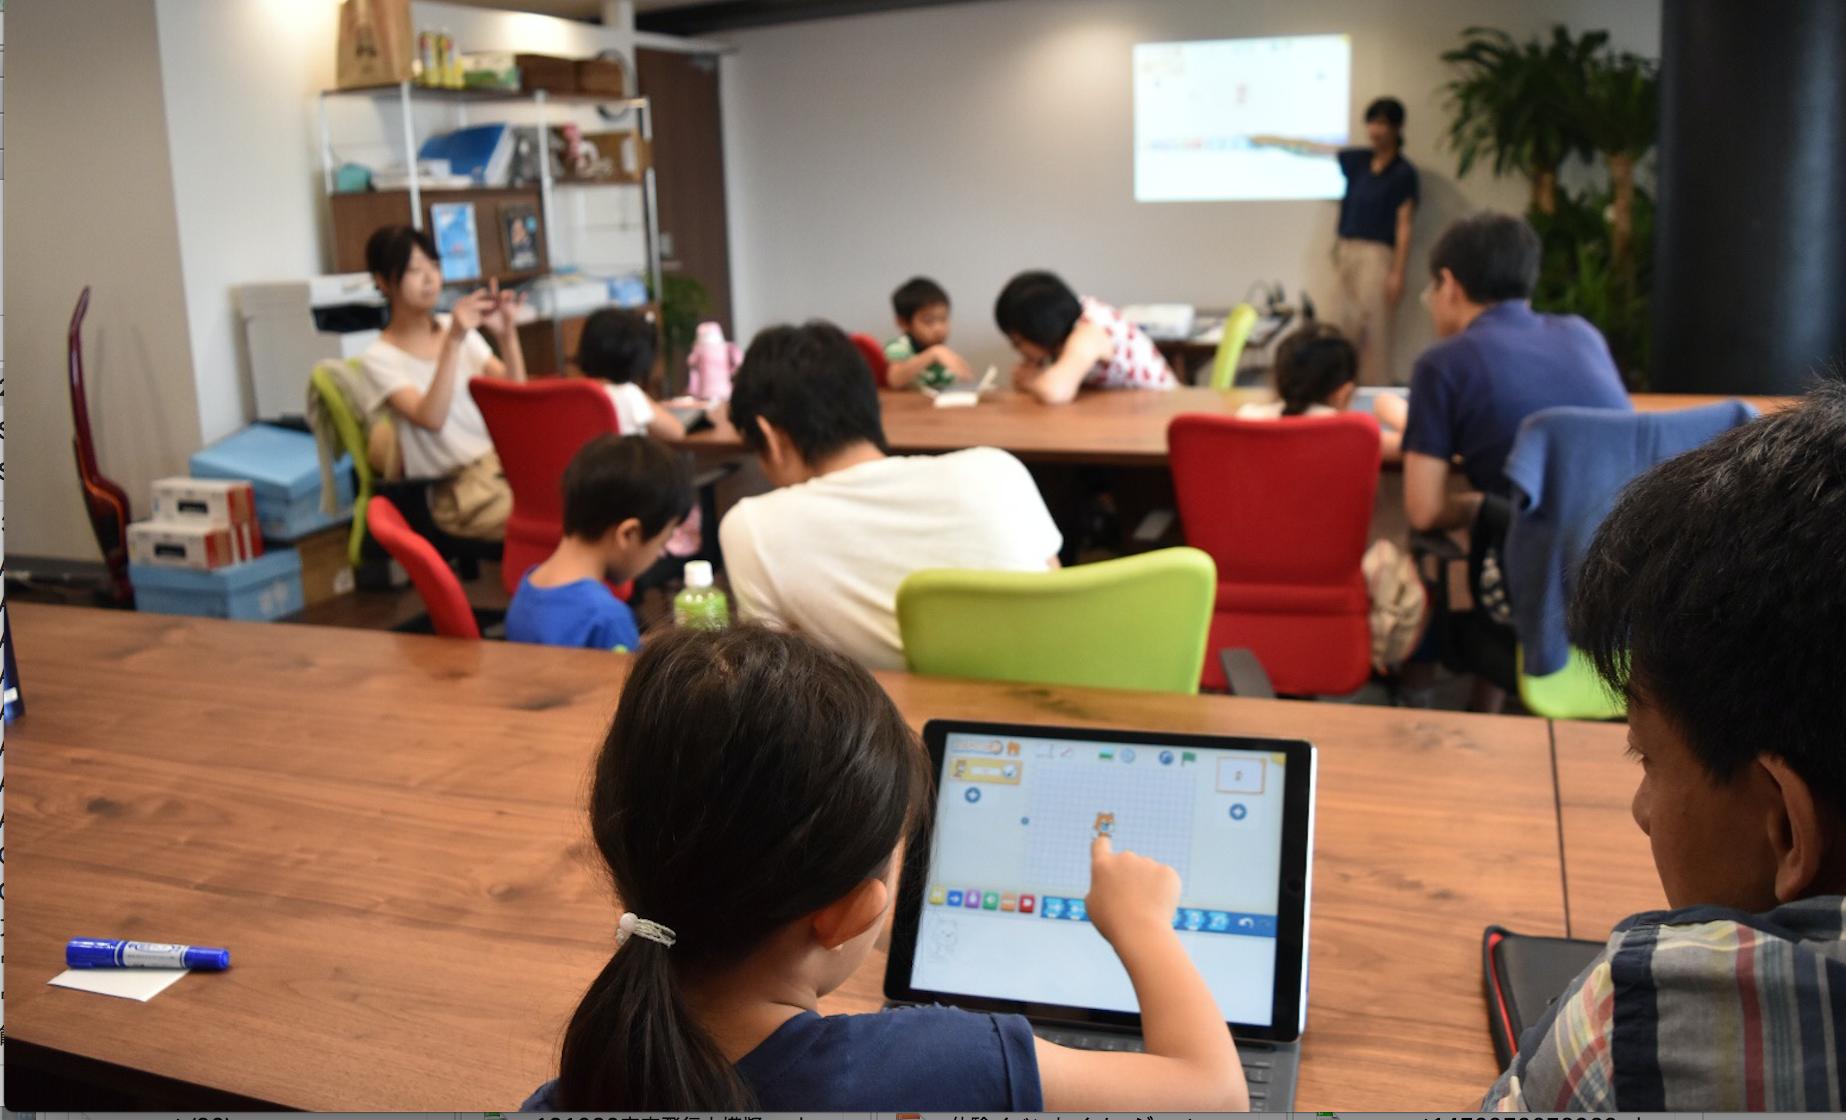 タブレット端末でプログラミングに取り組む子どもたちの画像